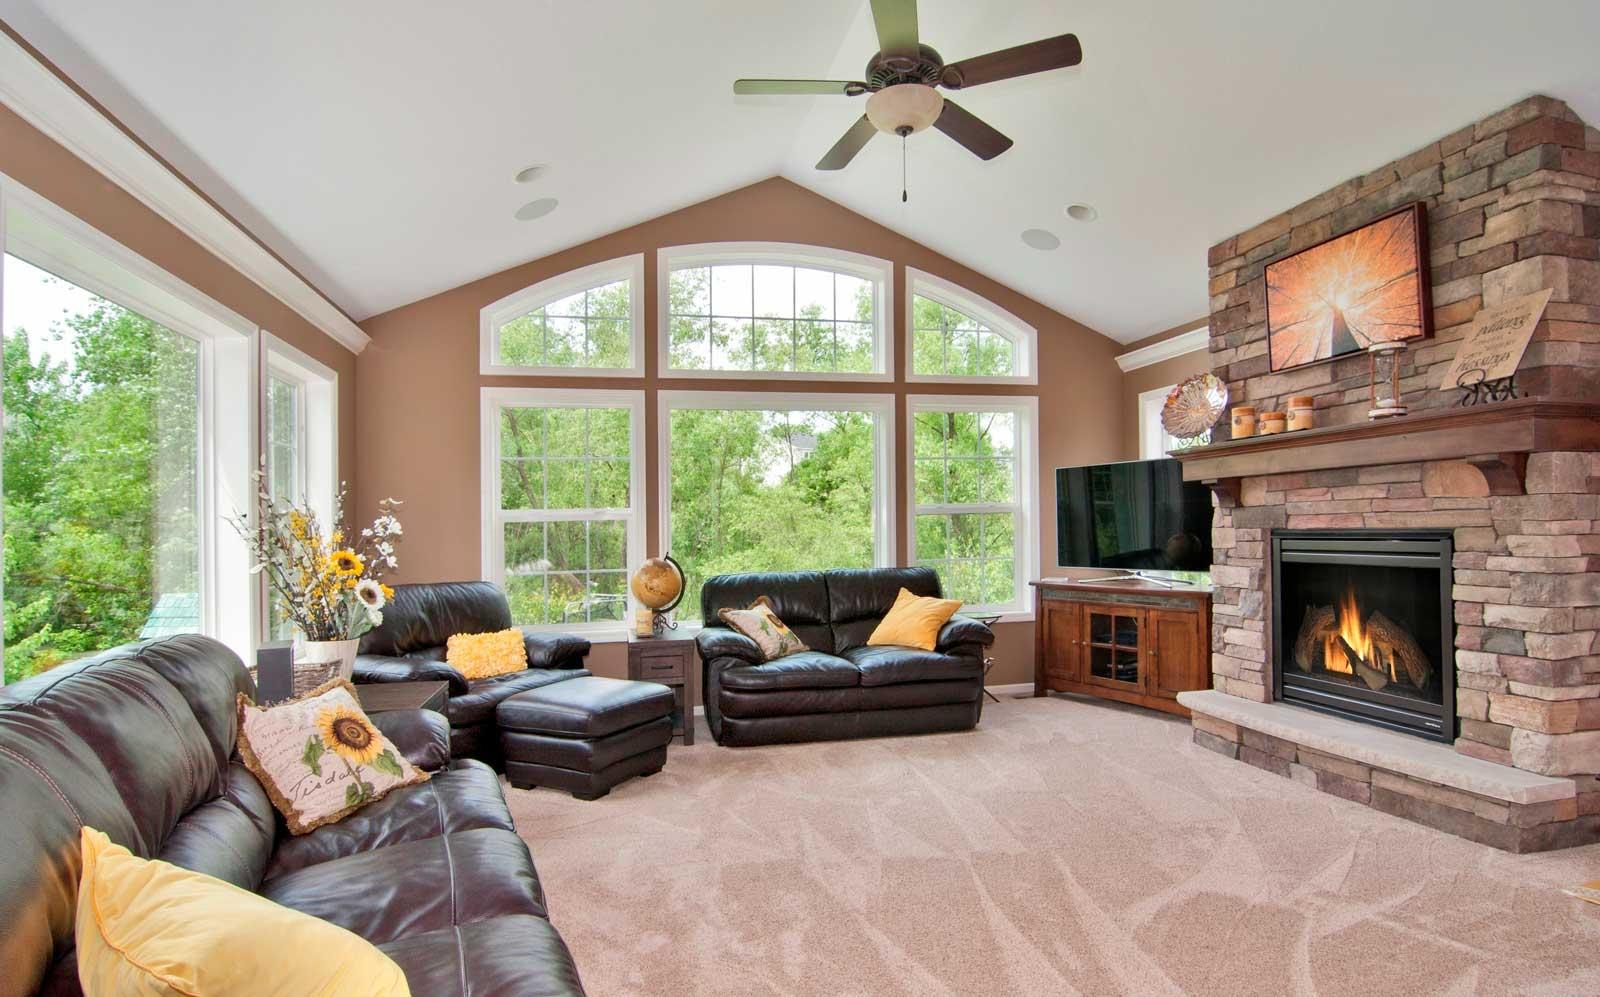 5 Umbauten, die vor dem Umzug in ein neues Zuhause zu berücksichtigen sind